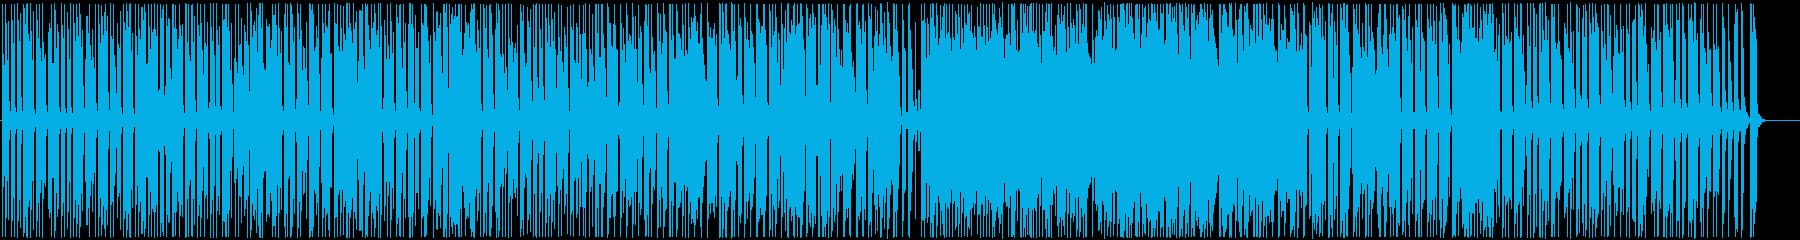 縦笛リコーダーの可愛い曲の再生済みの波形